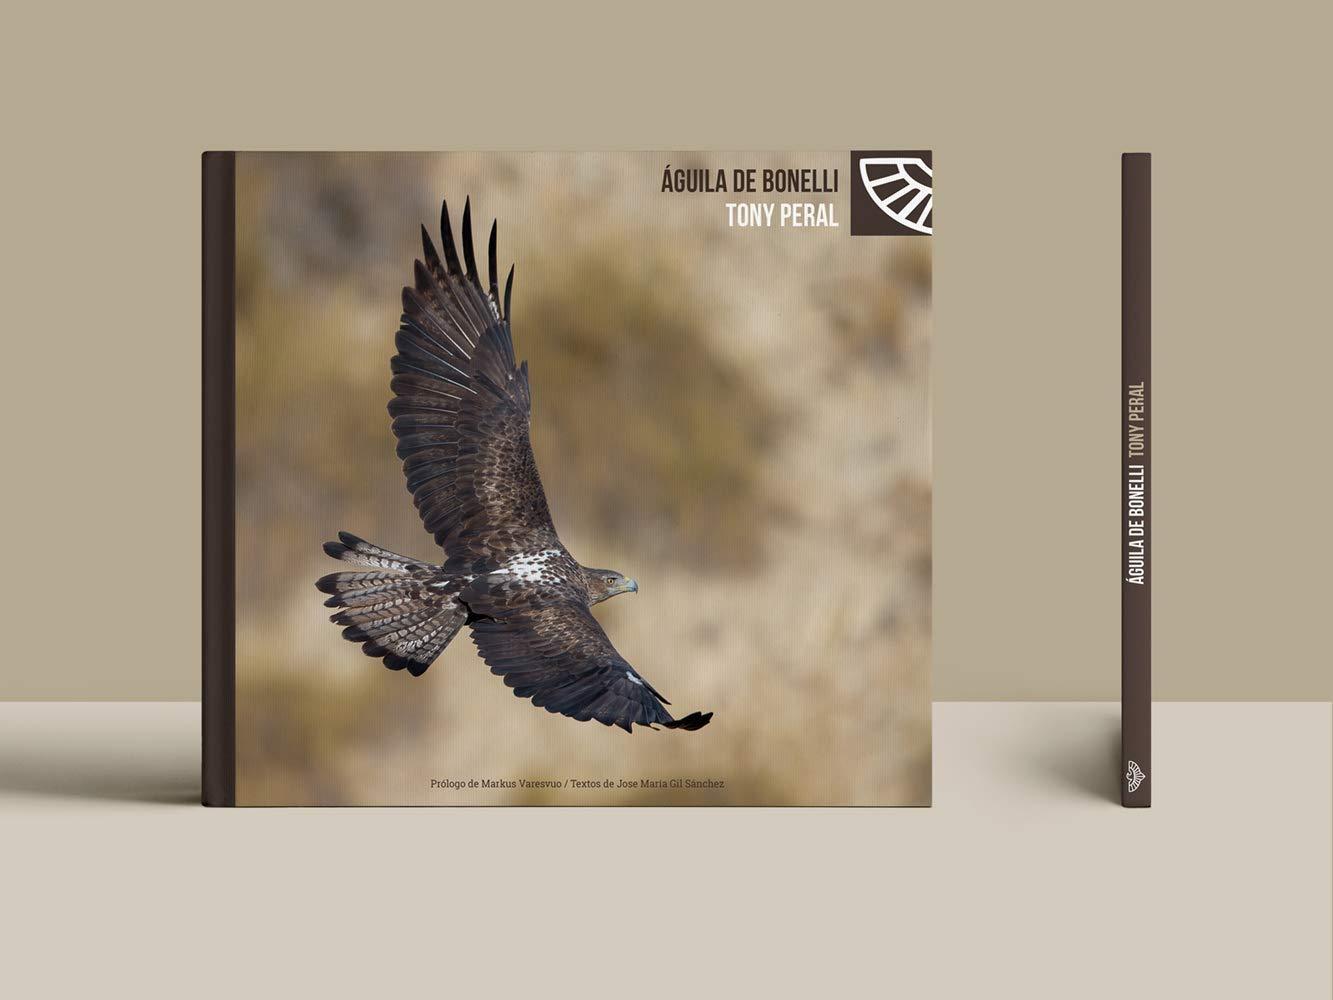 Águila de Bonelli, libro fotográfico monográfico del águila perdicera.: Amazon.es: Tony Peral, Jose María Gil Sánchez, Markus Varesvuo, Tony Peral: Libros